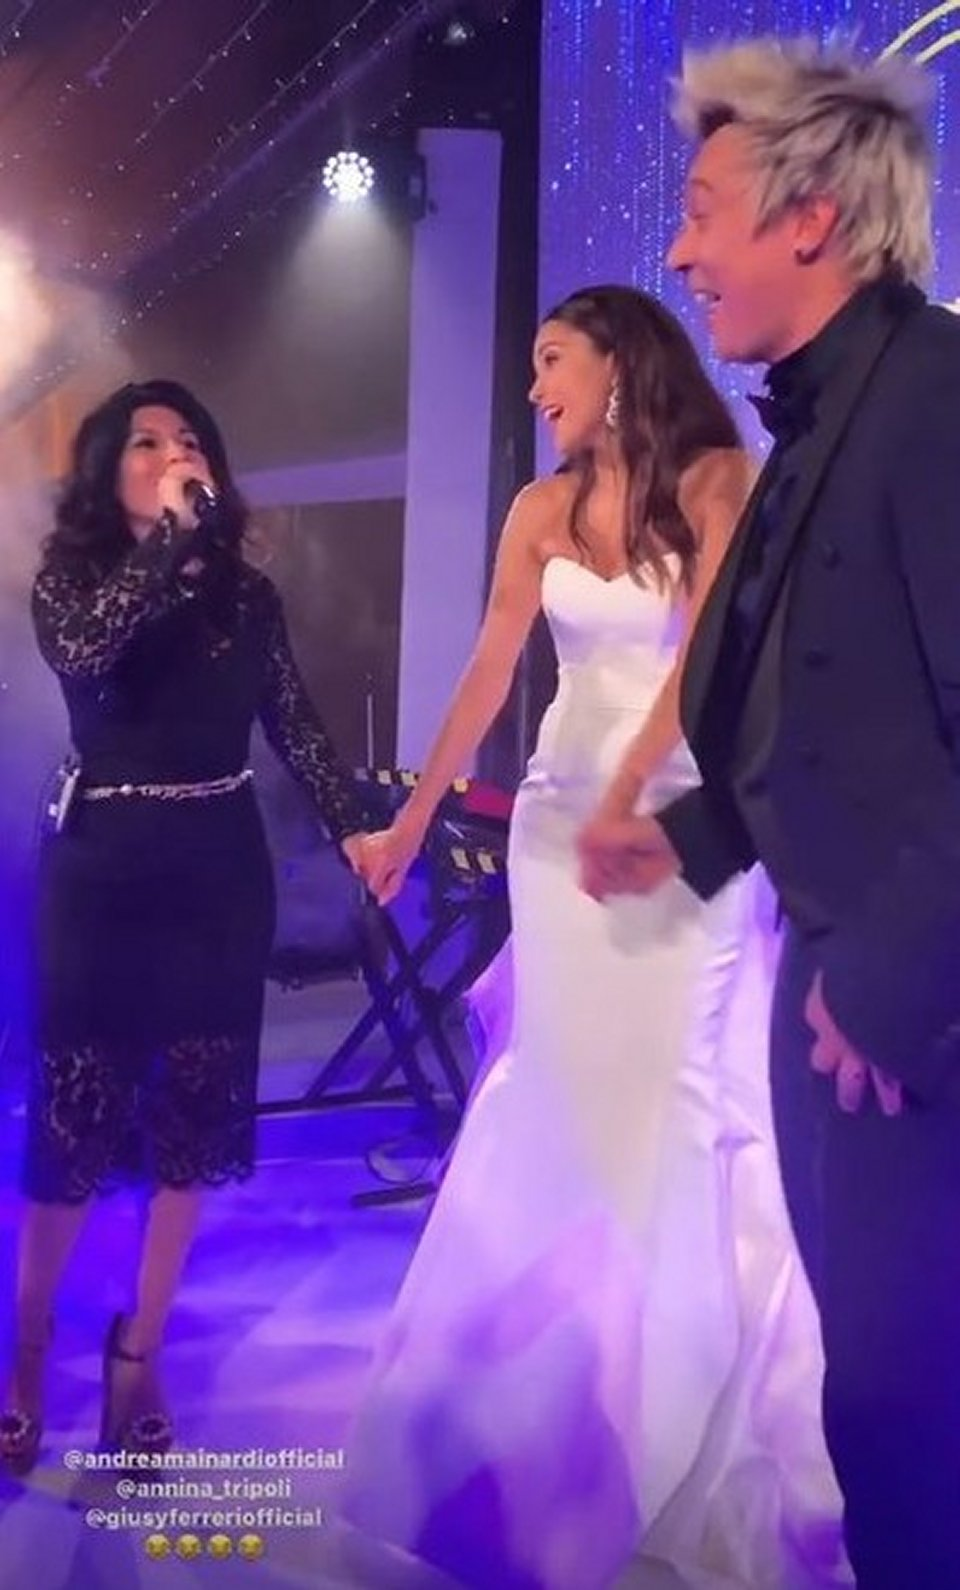 Il cuoco Andrea Minardi e Anna Tripoli si sono sposati